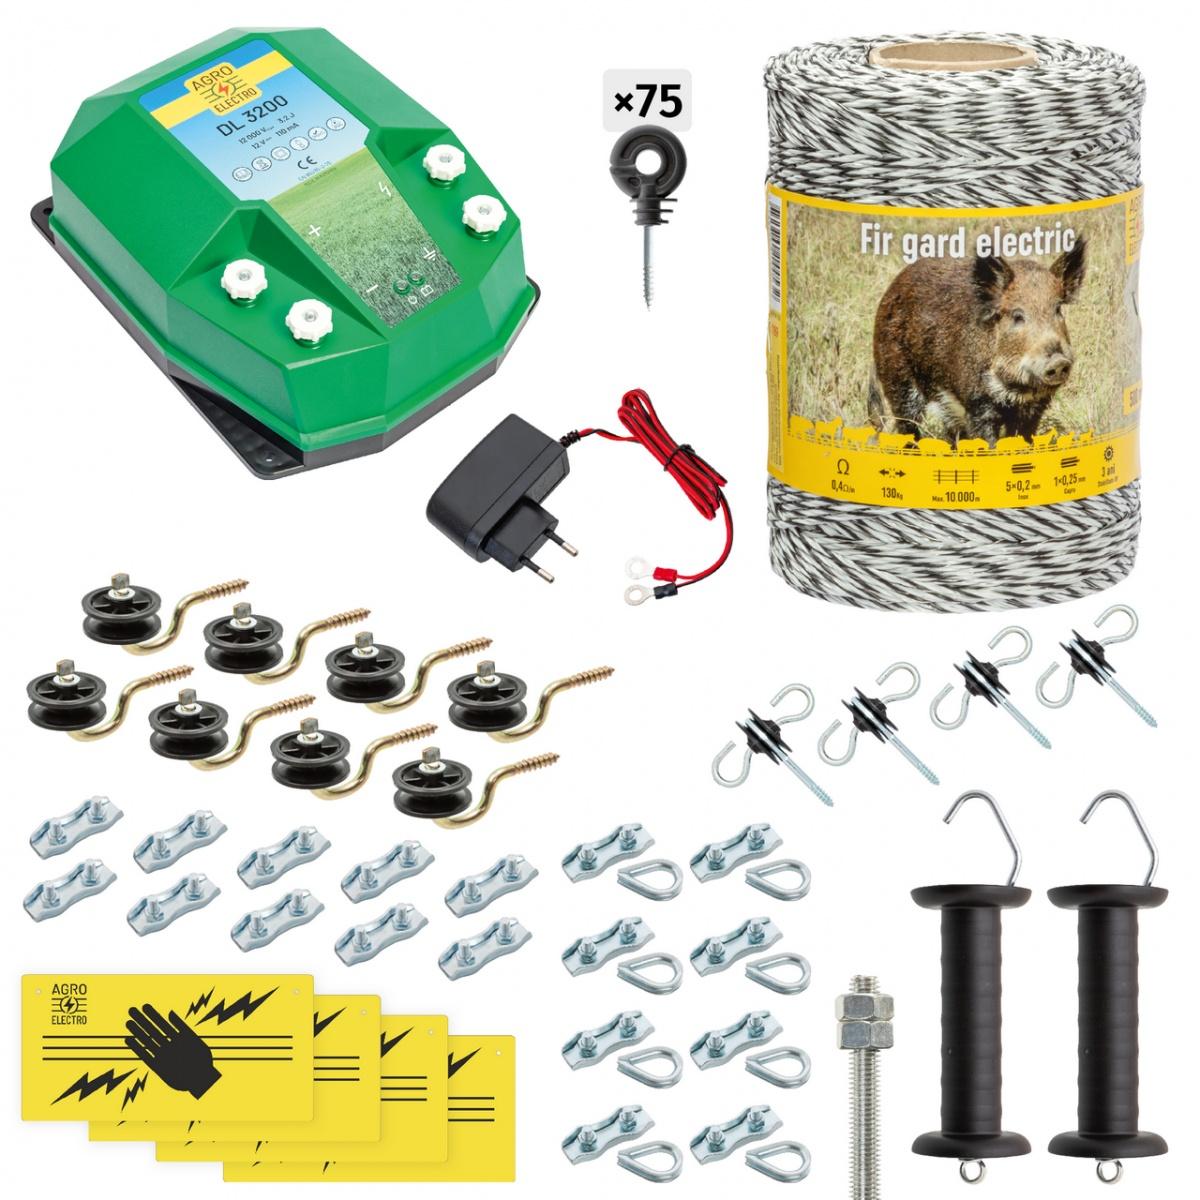 Pachet gard electric complet 500m, 3,2Joule, 230V, pentru animale sălbatice